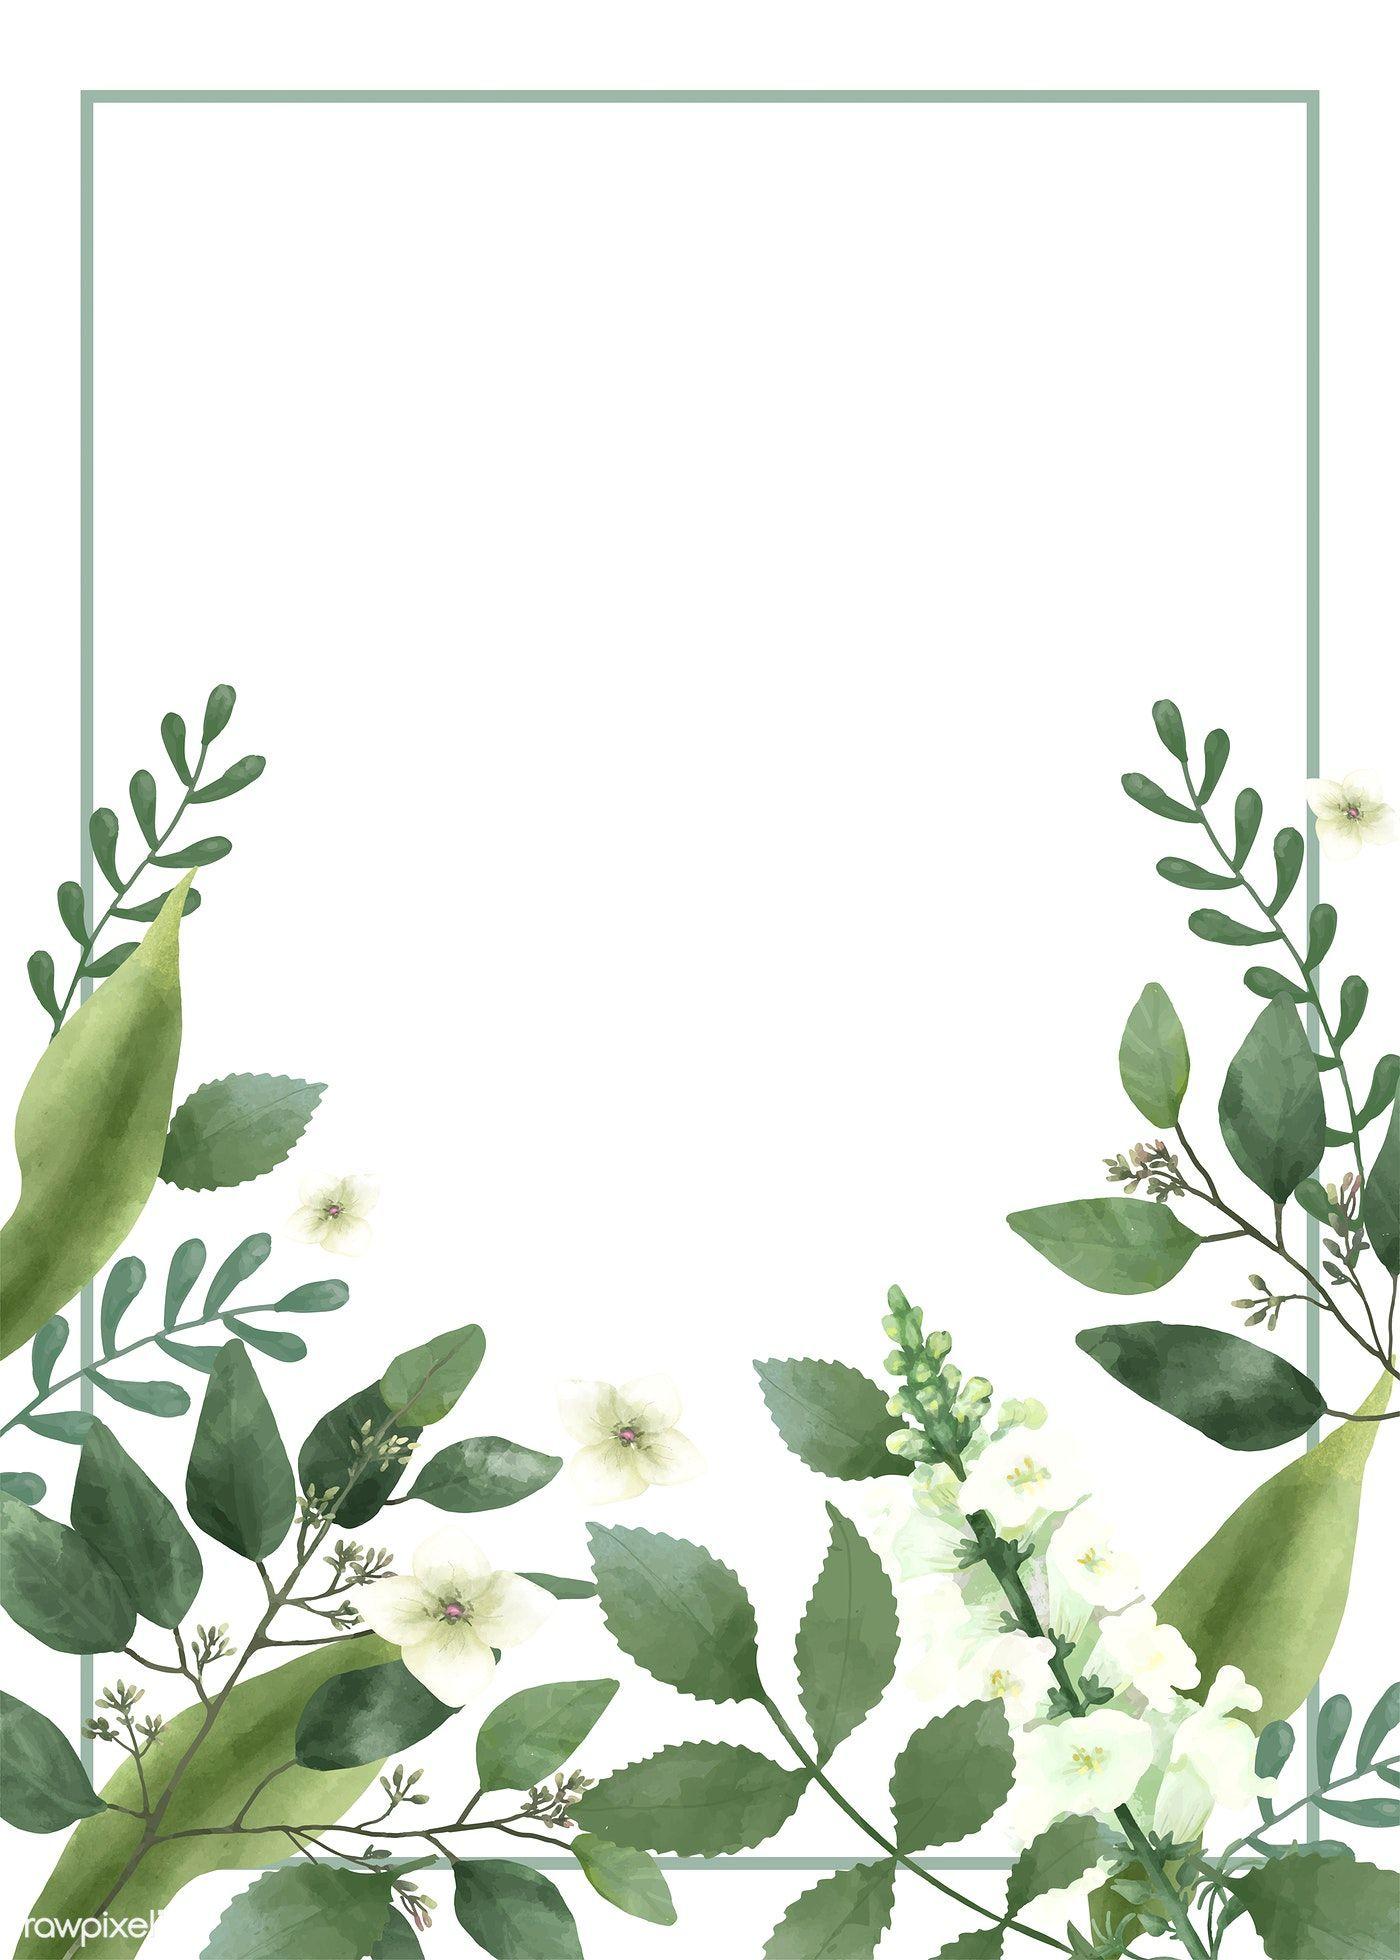 Einladung Karte Mit Einem Grunen Thema Gratis Bild Von Rawpixel Com Green Theme Floral Background Flower Backgrounds